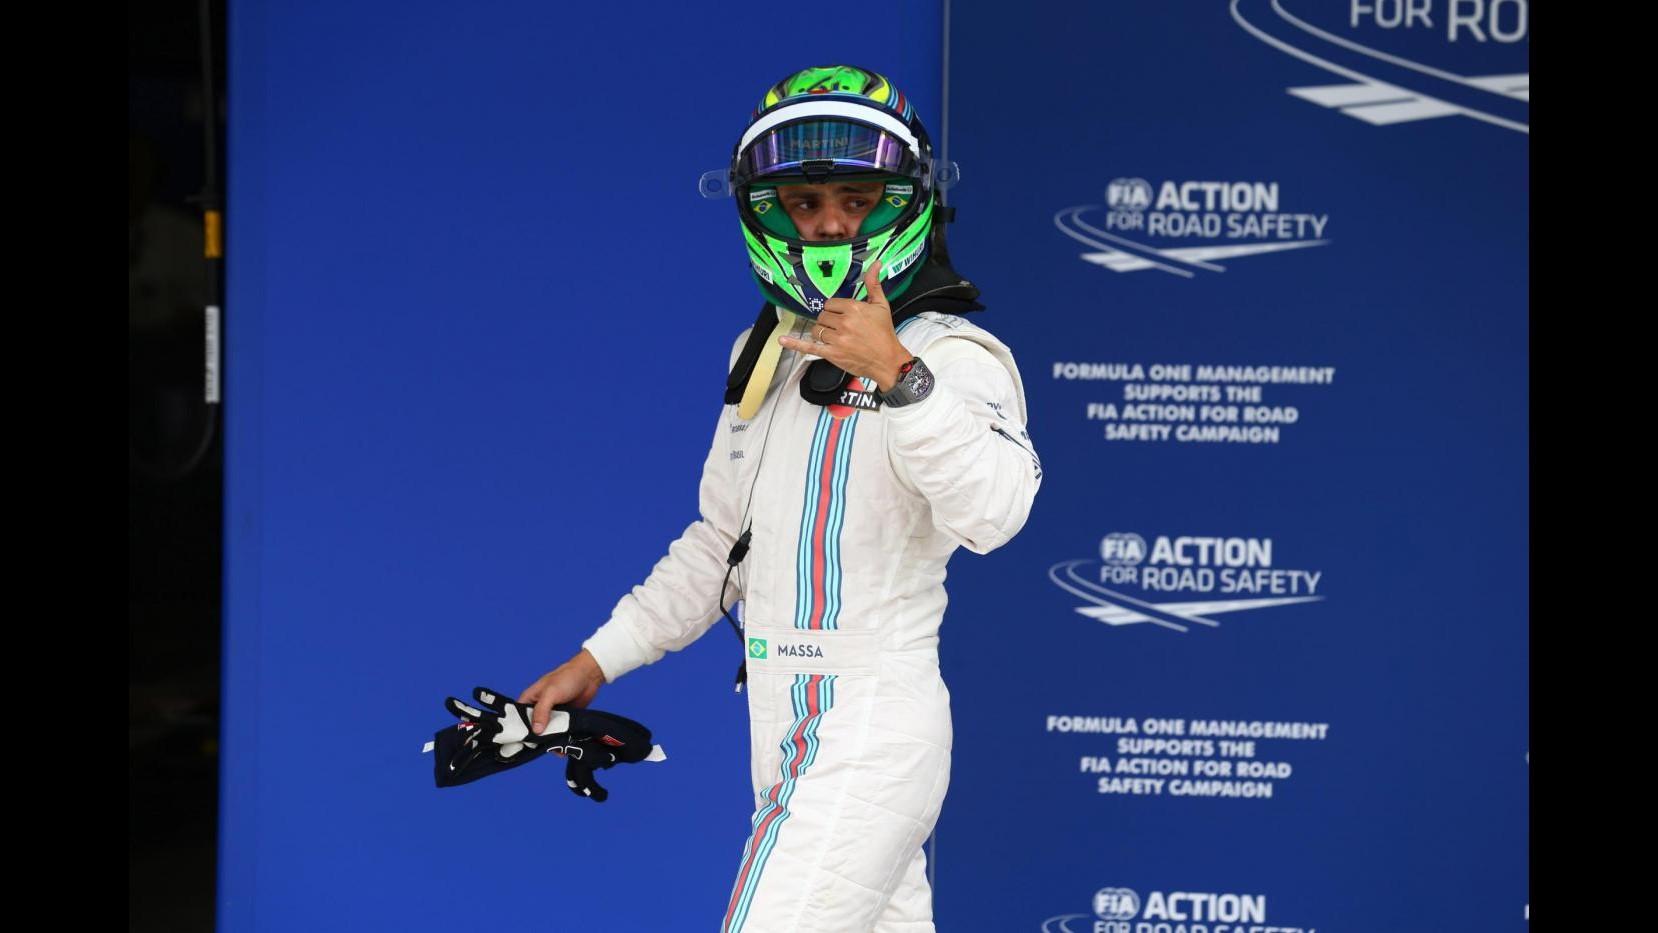 F1, Massa ai tifosi brasiliani: Grazie per energia che mi avete dato